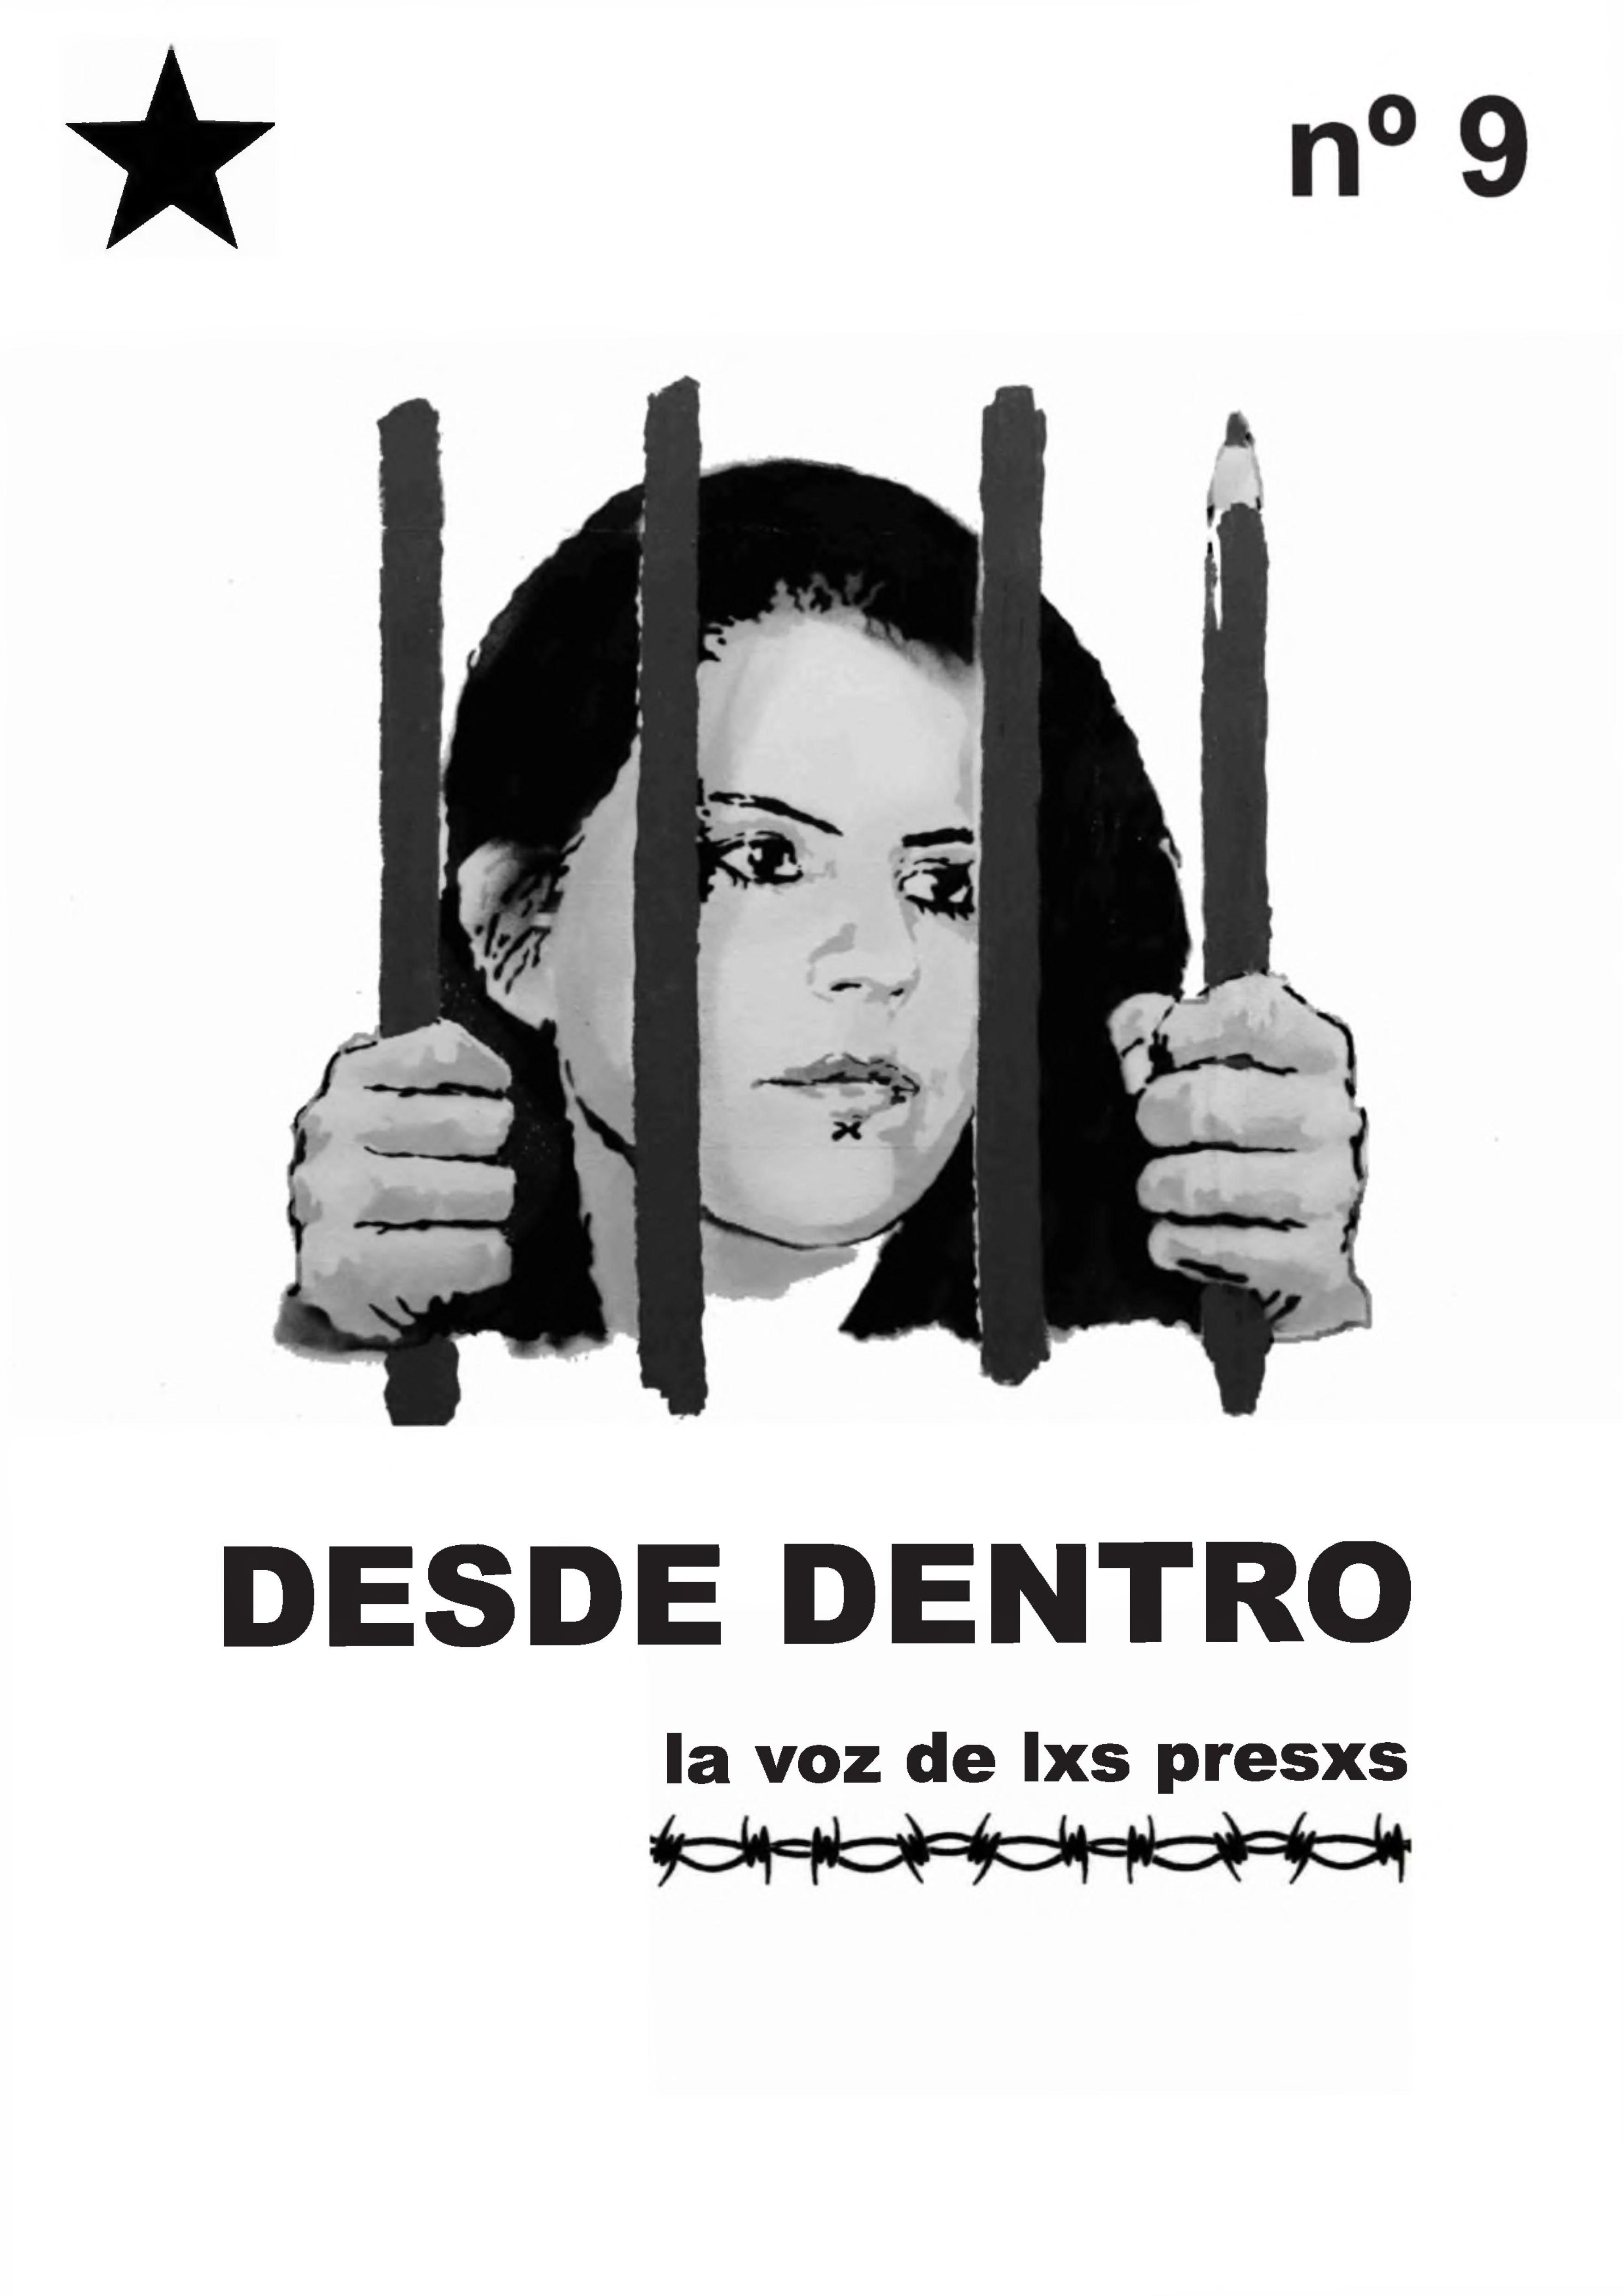 DesdeDentron9_Seite_01.jpg